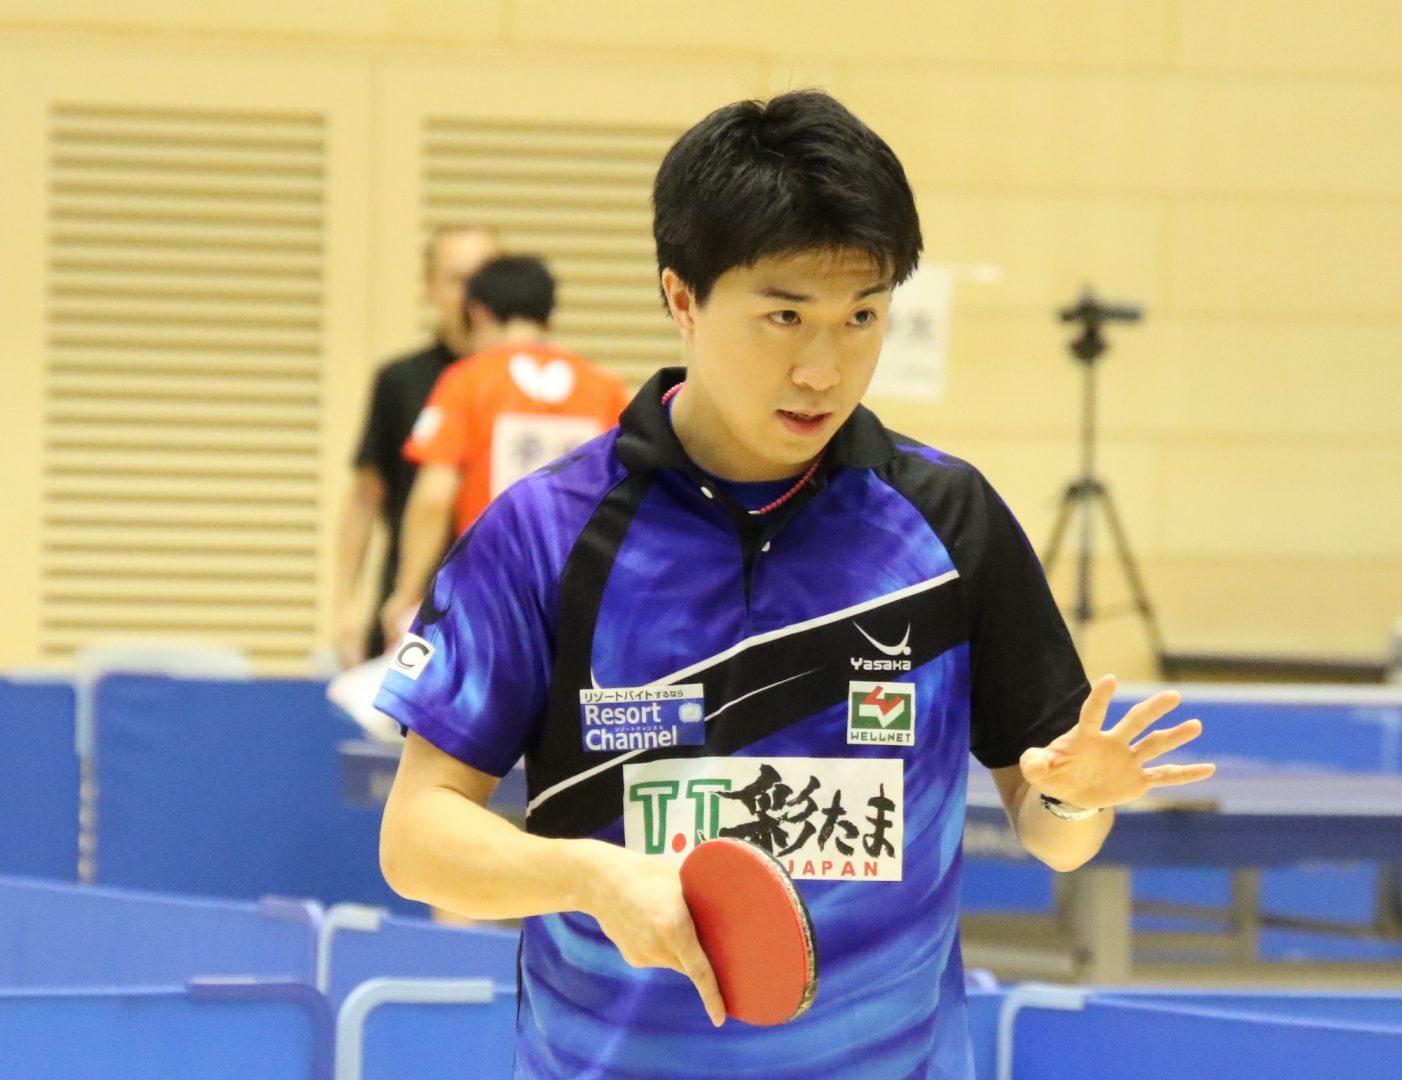 神、平野が全勝スタート 松島ら若手も躍動<2020年世界卓球 日本代表第1次選考会・男子>